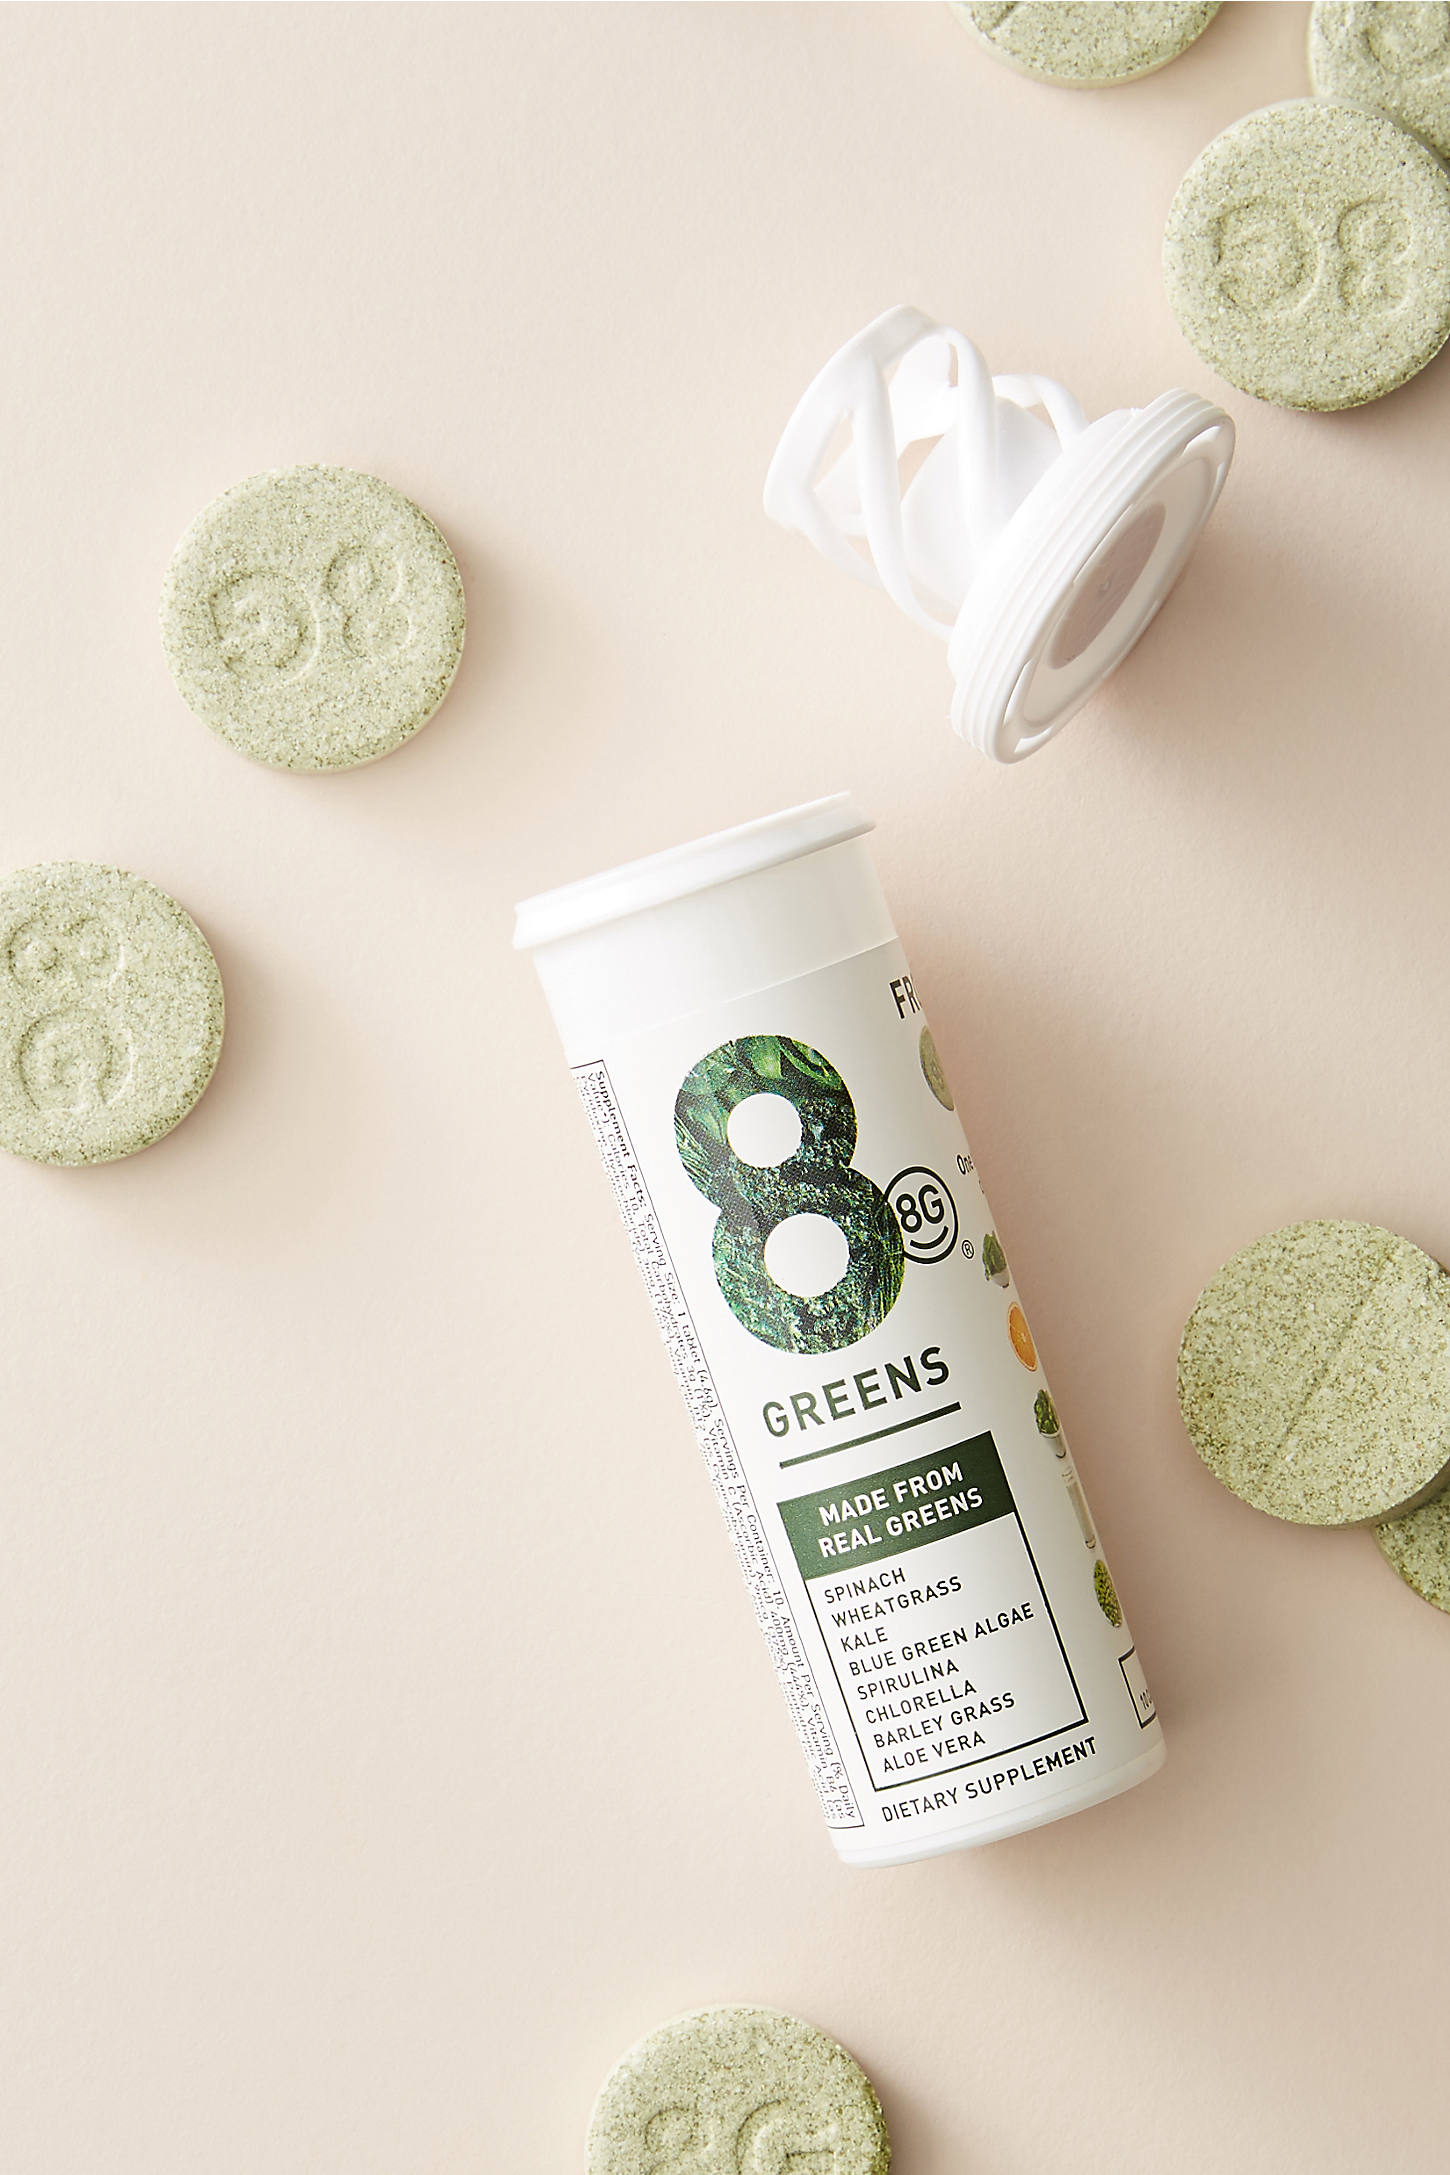 8G 8 Greens Dietary Supplement Carton